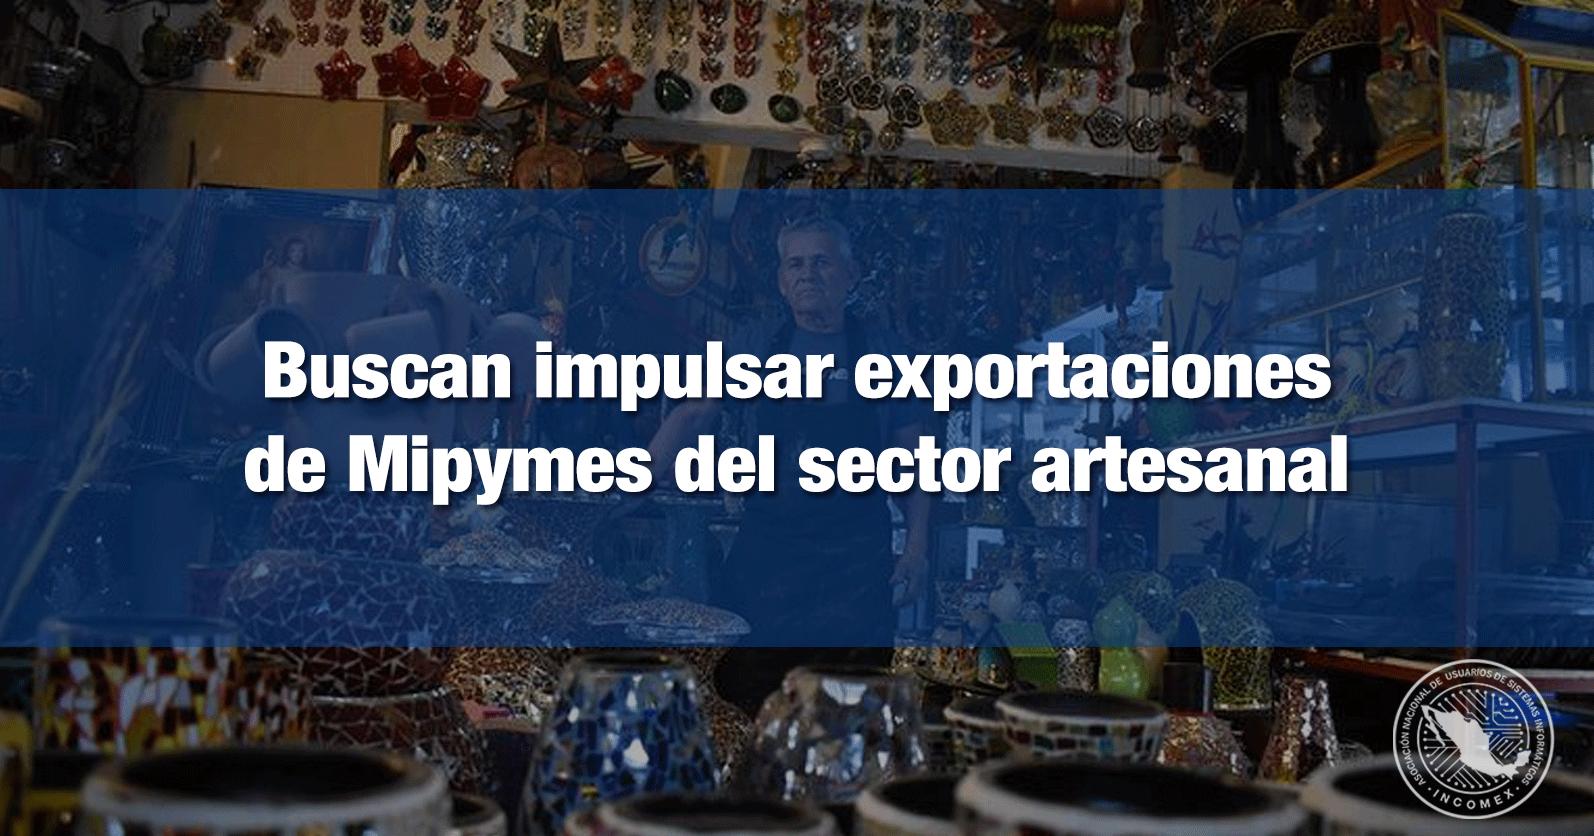 Buscan impulsar exportaciones de Mipymes del sector artesanal